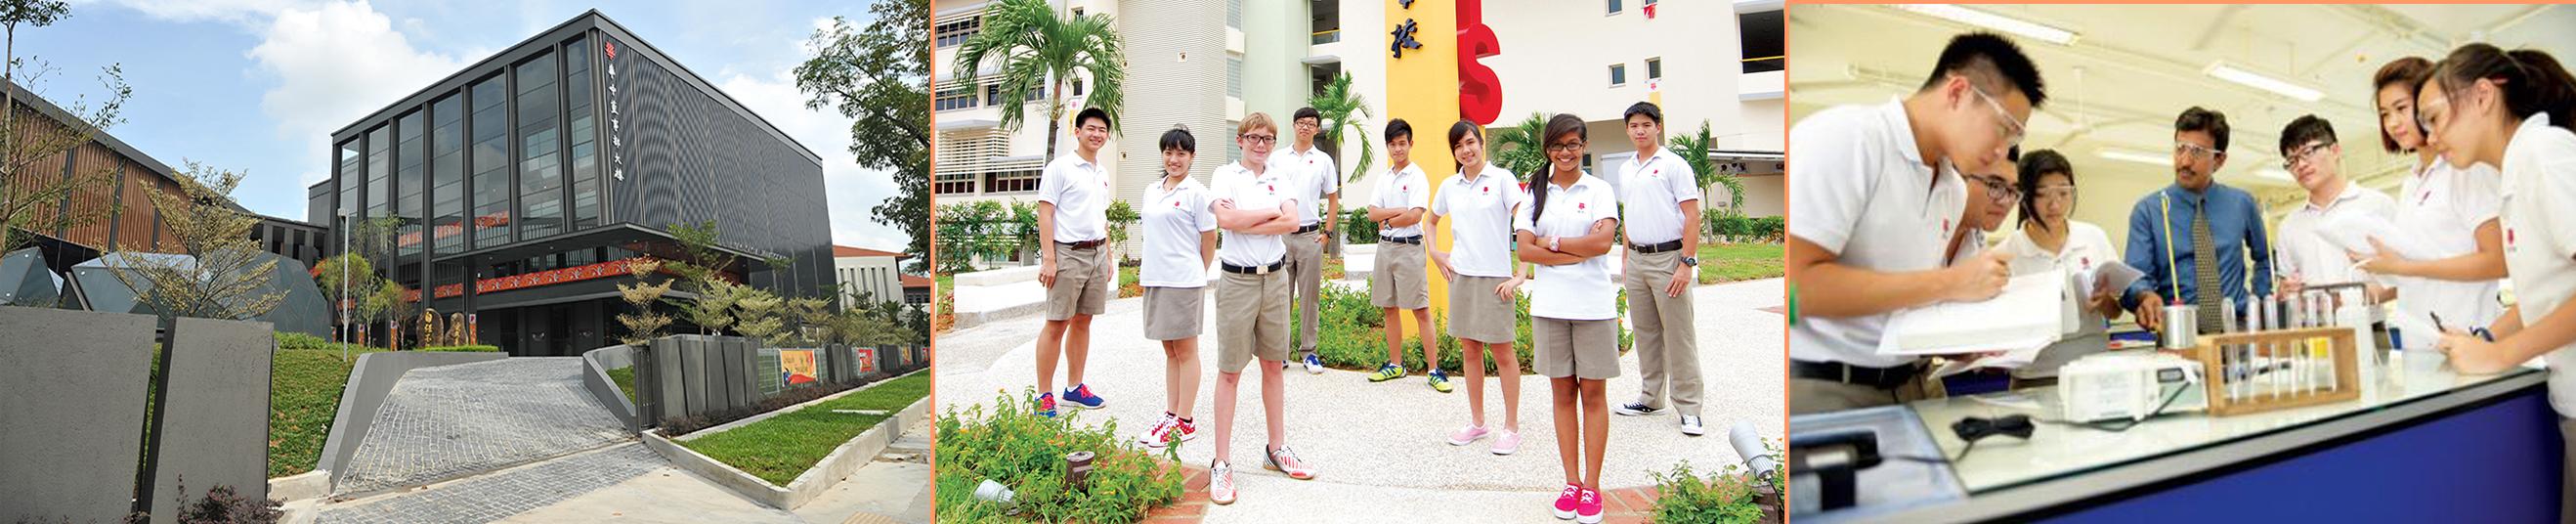 ็Hwa Chong International School , โรงเรียนเอกชน, เรียนสิงคโปร์